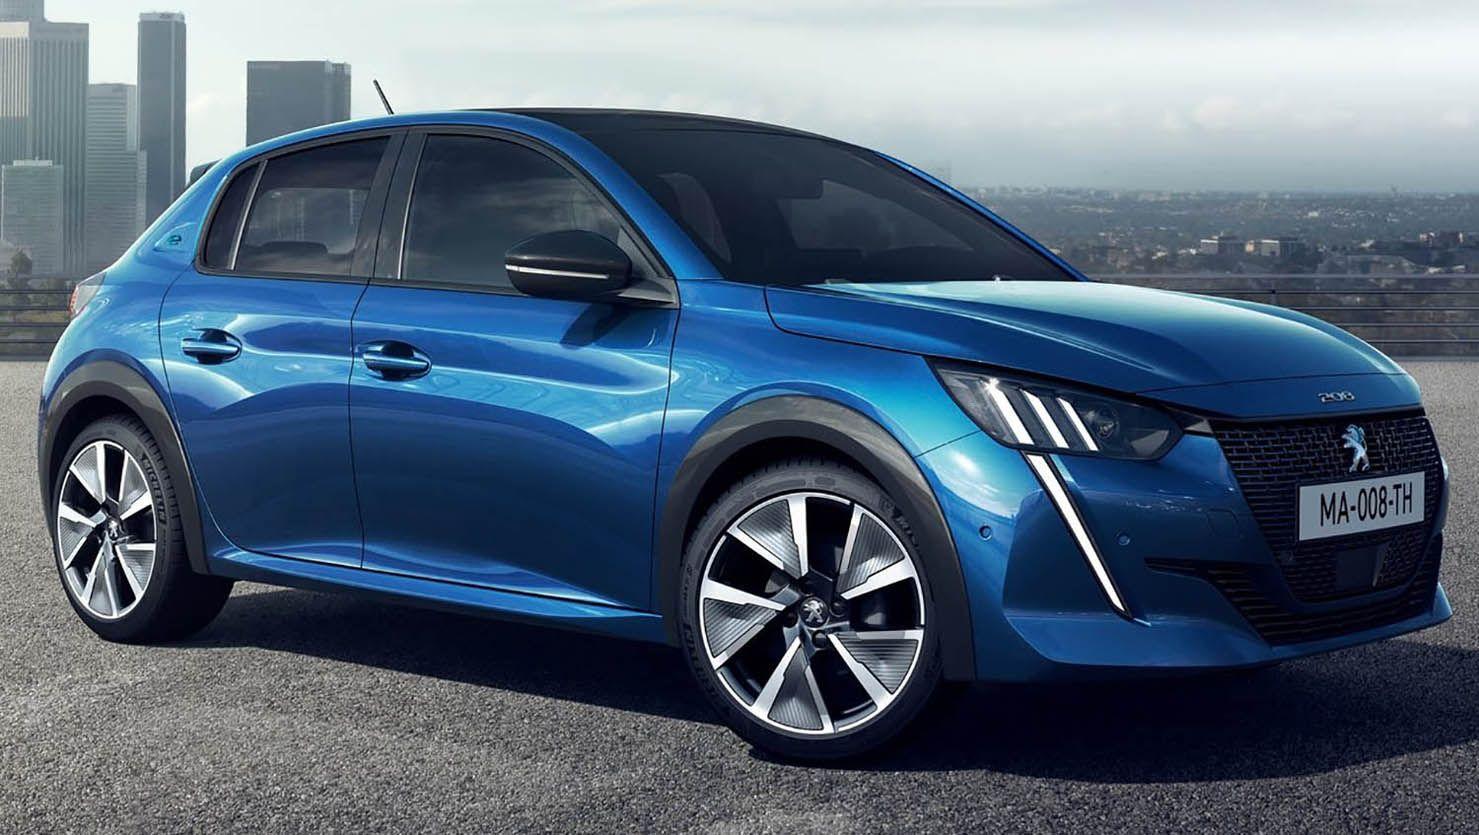 بيجو 208 إي الجديدة كليا 2020 الهاتشباك الكهربائية الجميلة موقع ويلز Peugeot Electric Cars Geneva Motor Show